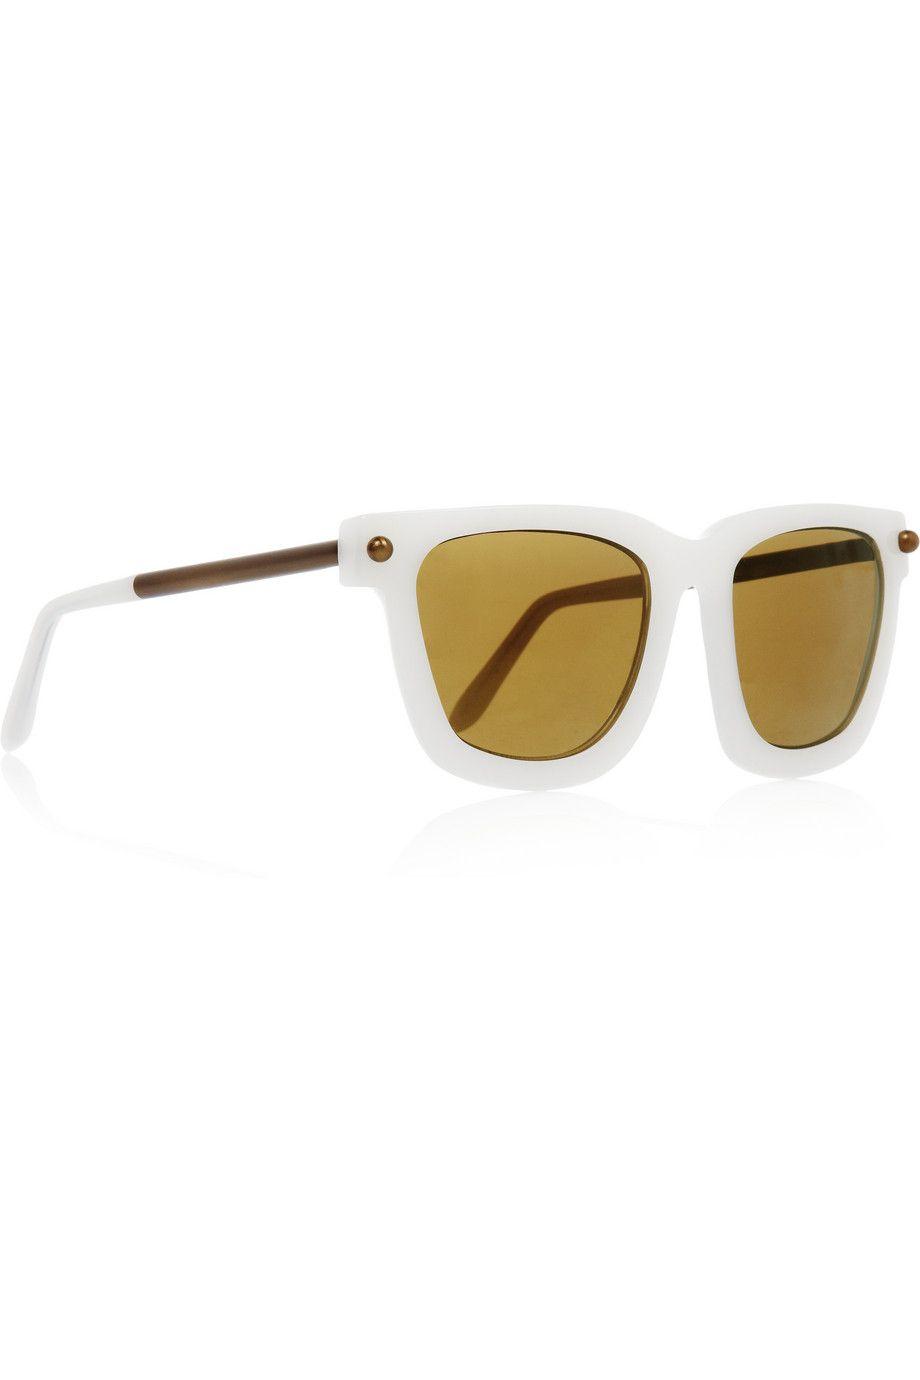 Alexander Wang|Square-frame acetate and metal sunglasses|NET-A-PORTER.COM